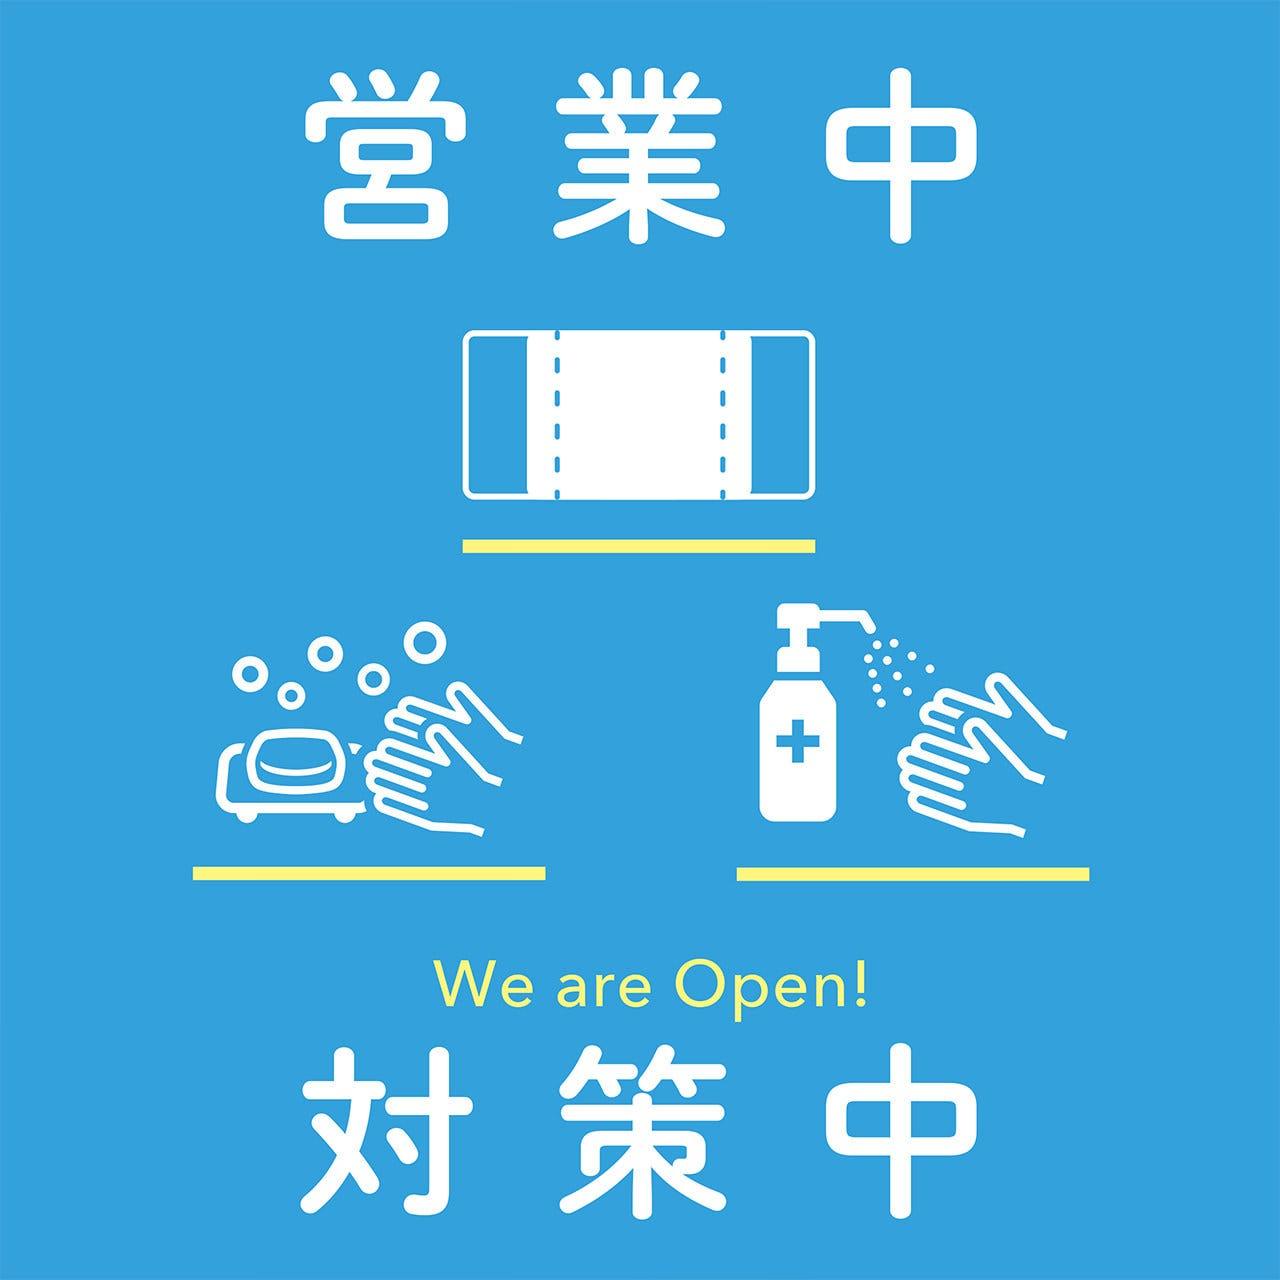 当店は、新型コロナ感染予防対策を徹底して営業しております!